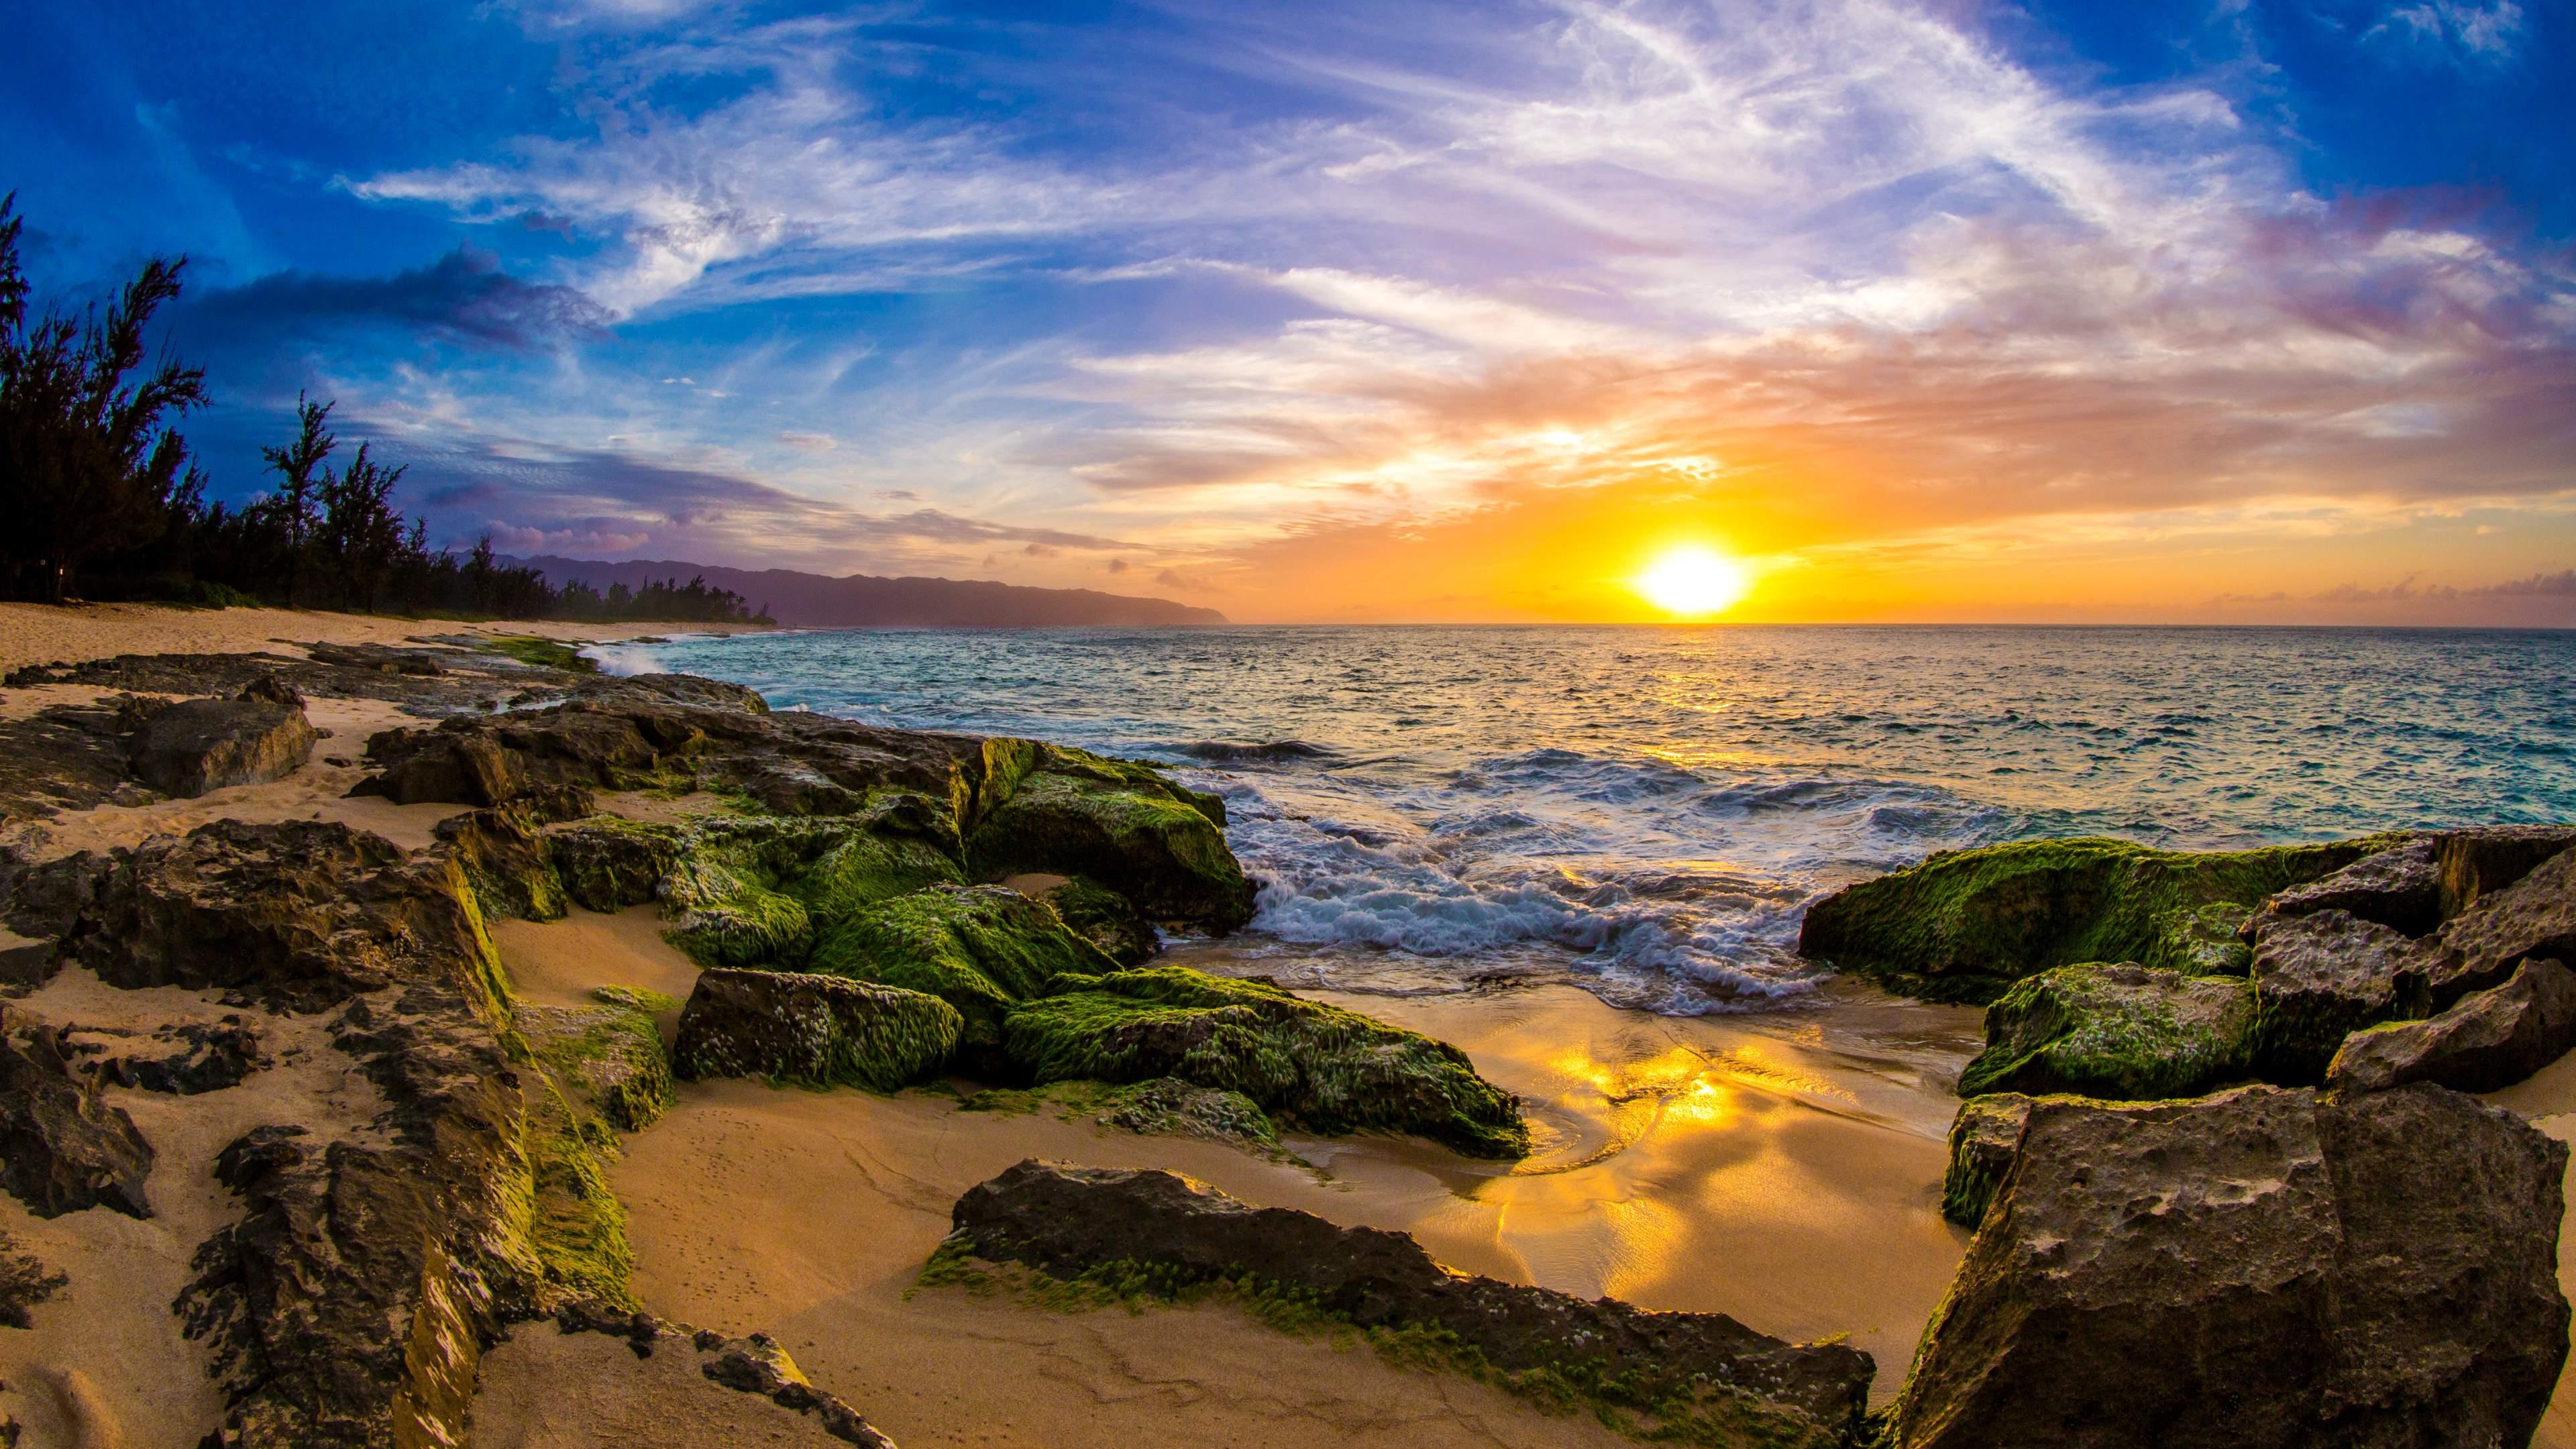 194 1942970 ocean sunset sea 4k wallpaper ocean sunset 4k